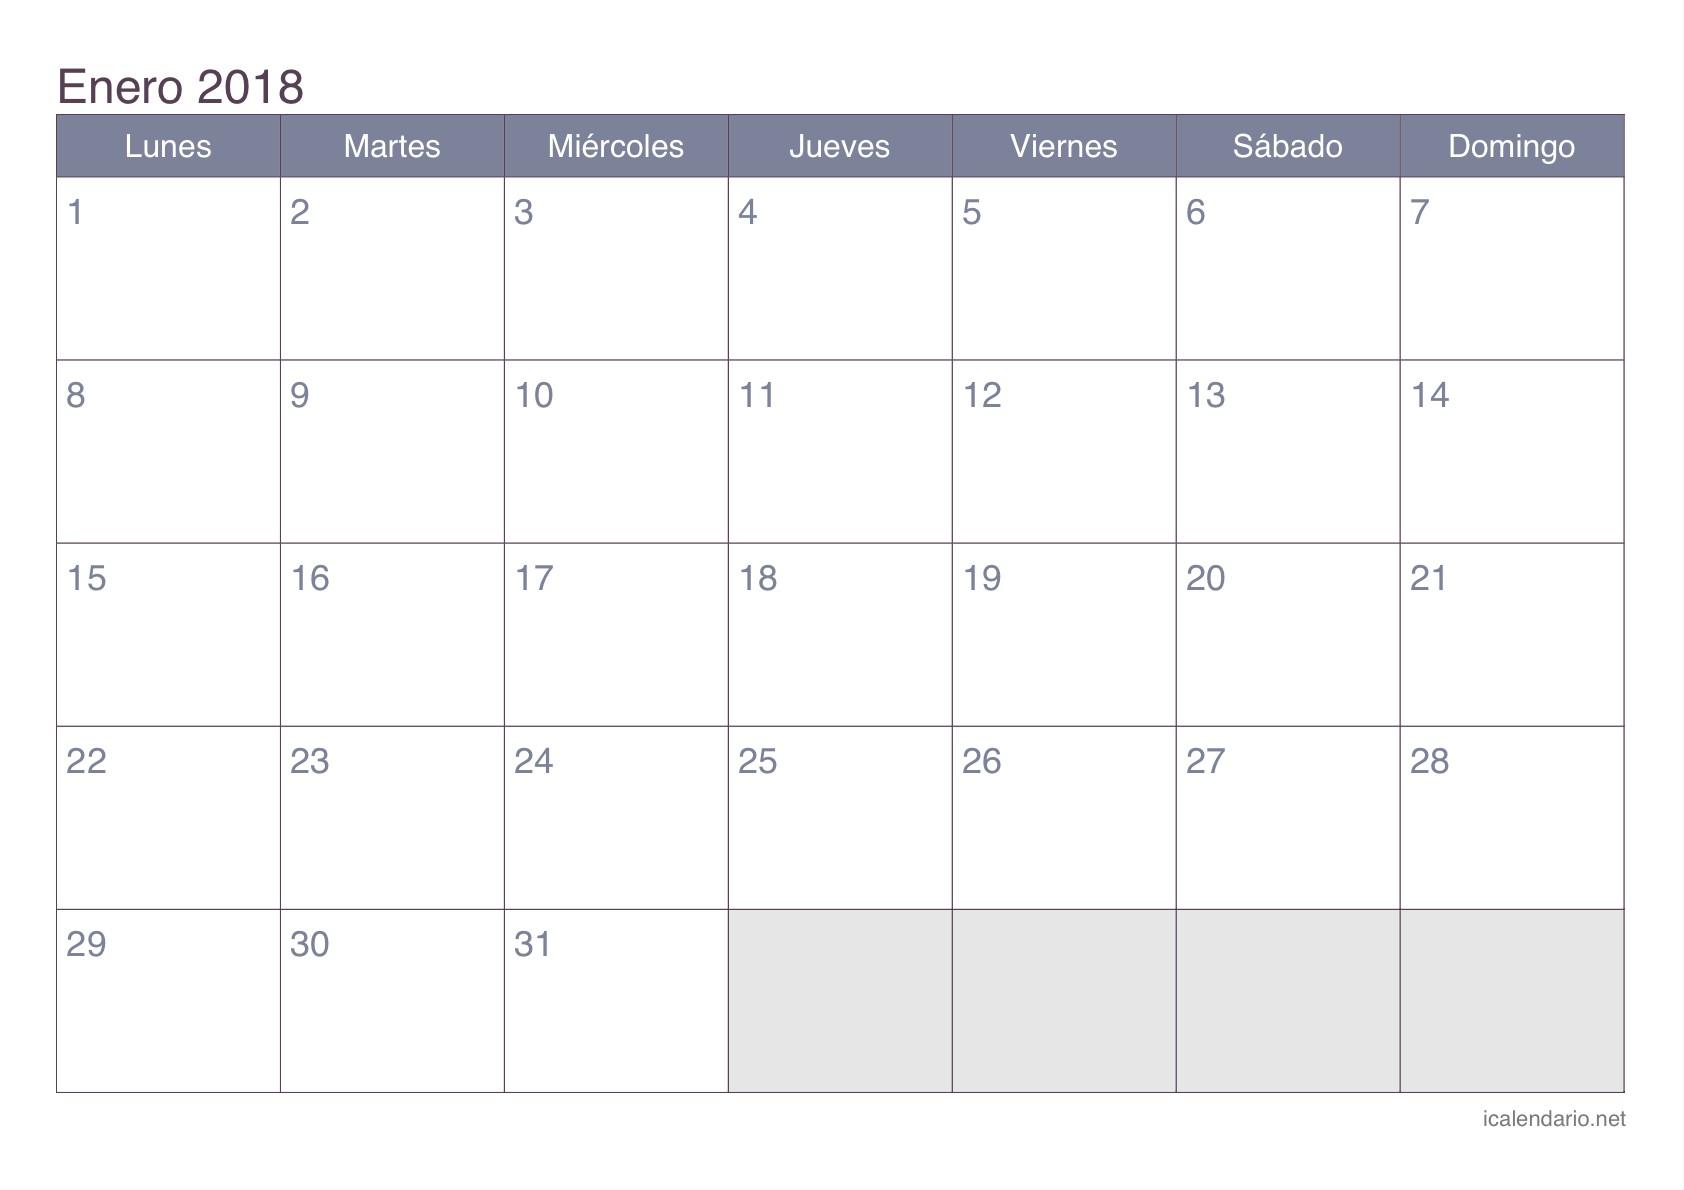 Enero 2018 calendario